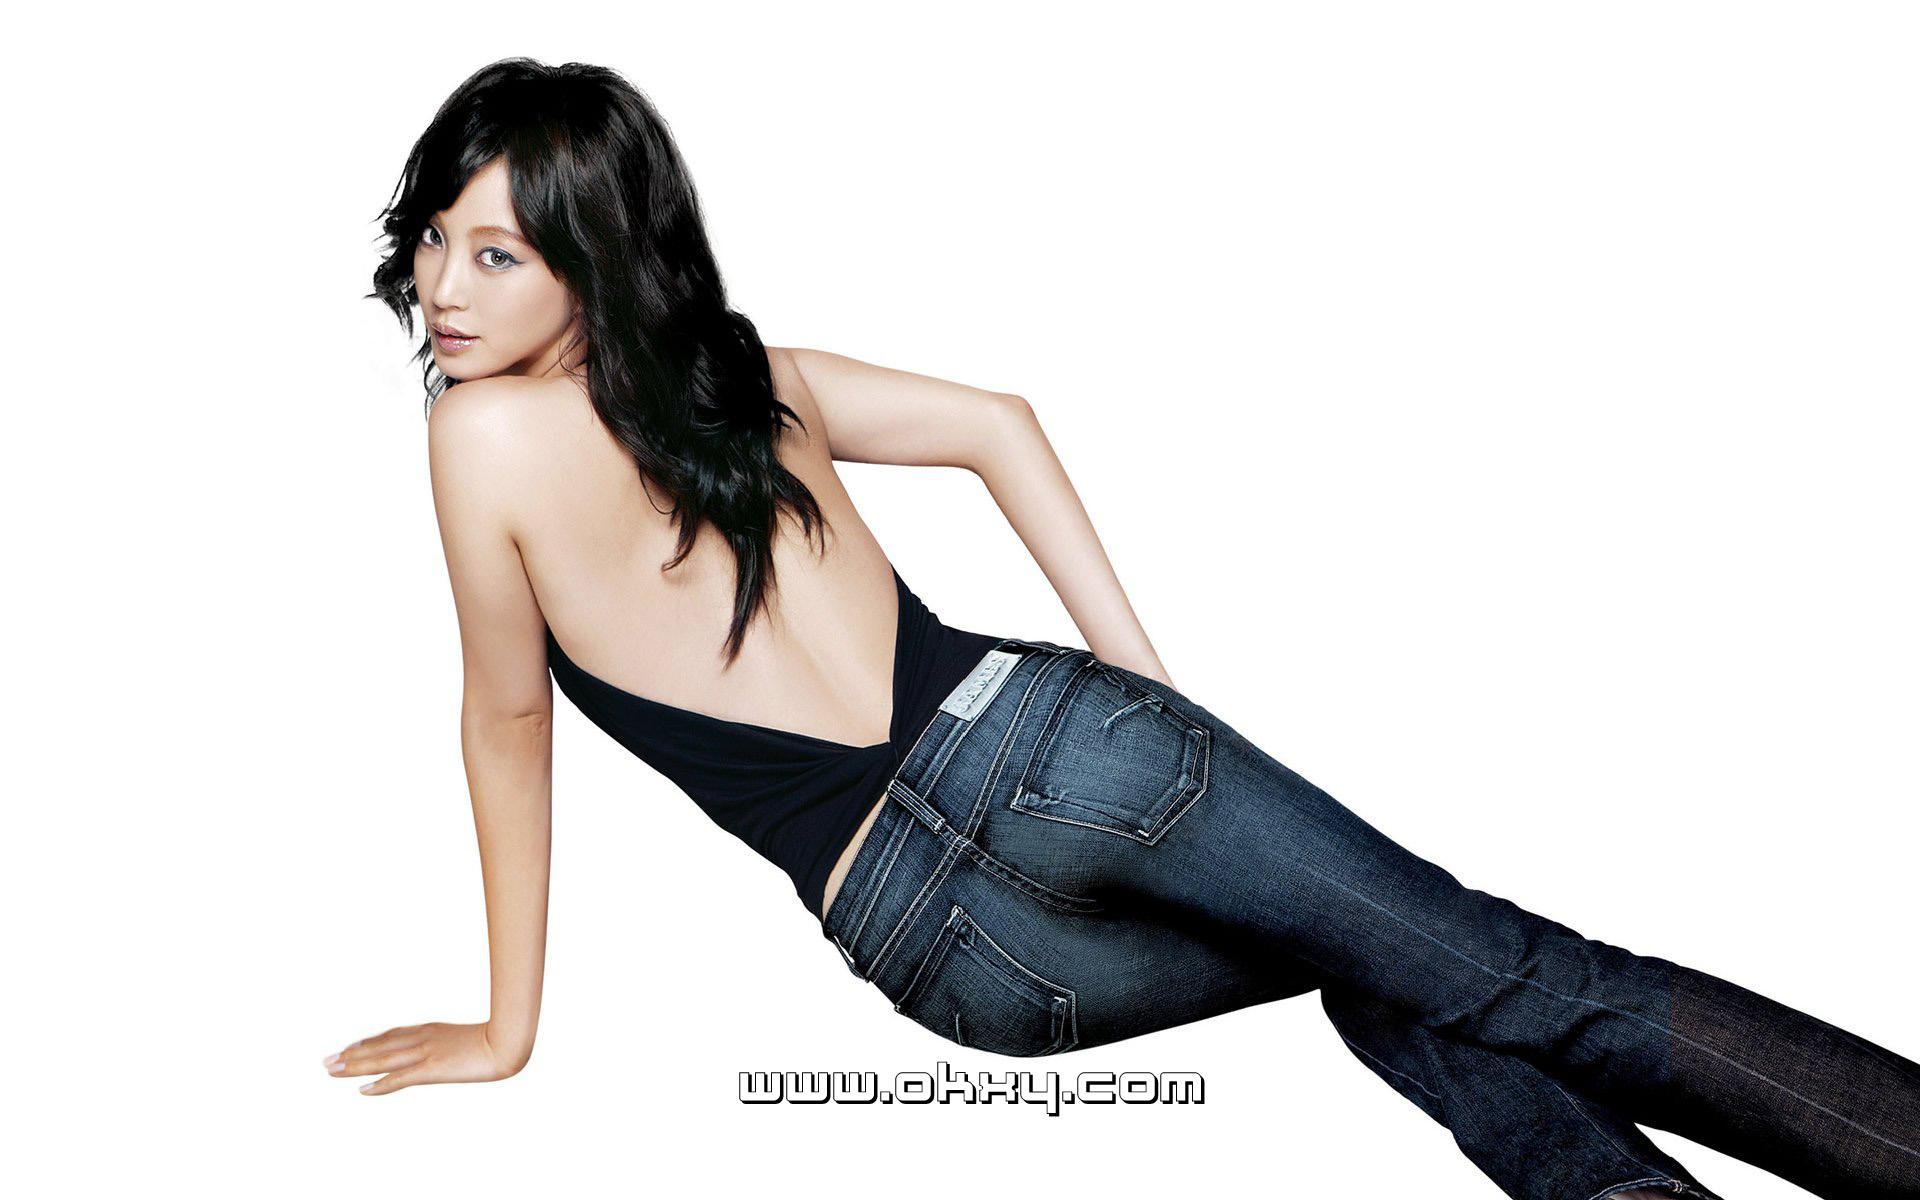 韩国美女电影明星桌面壁纸